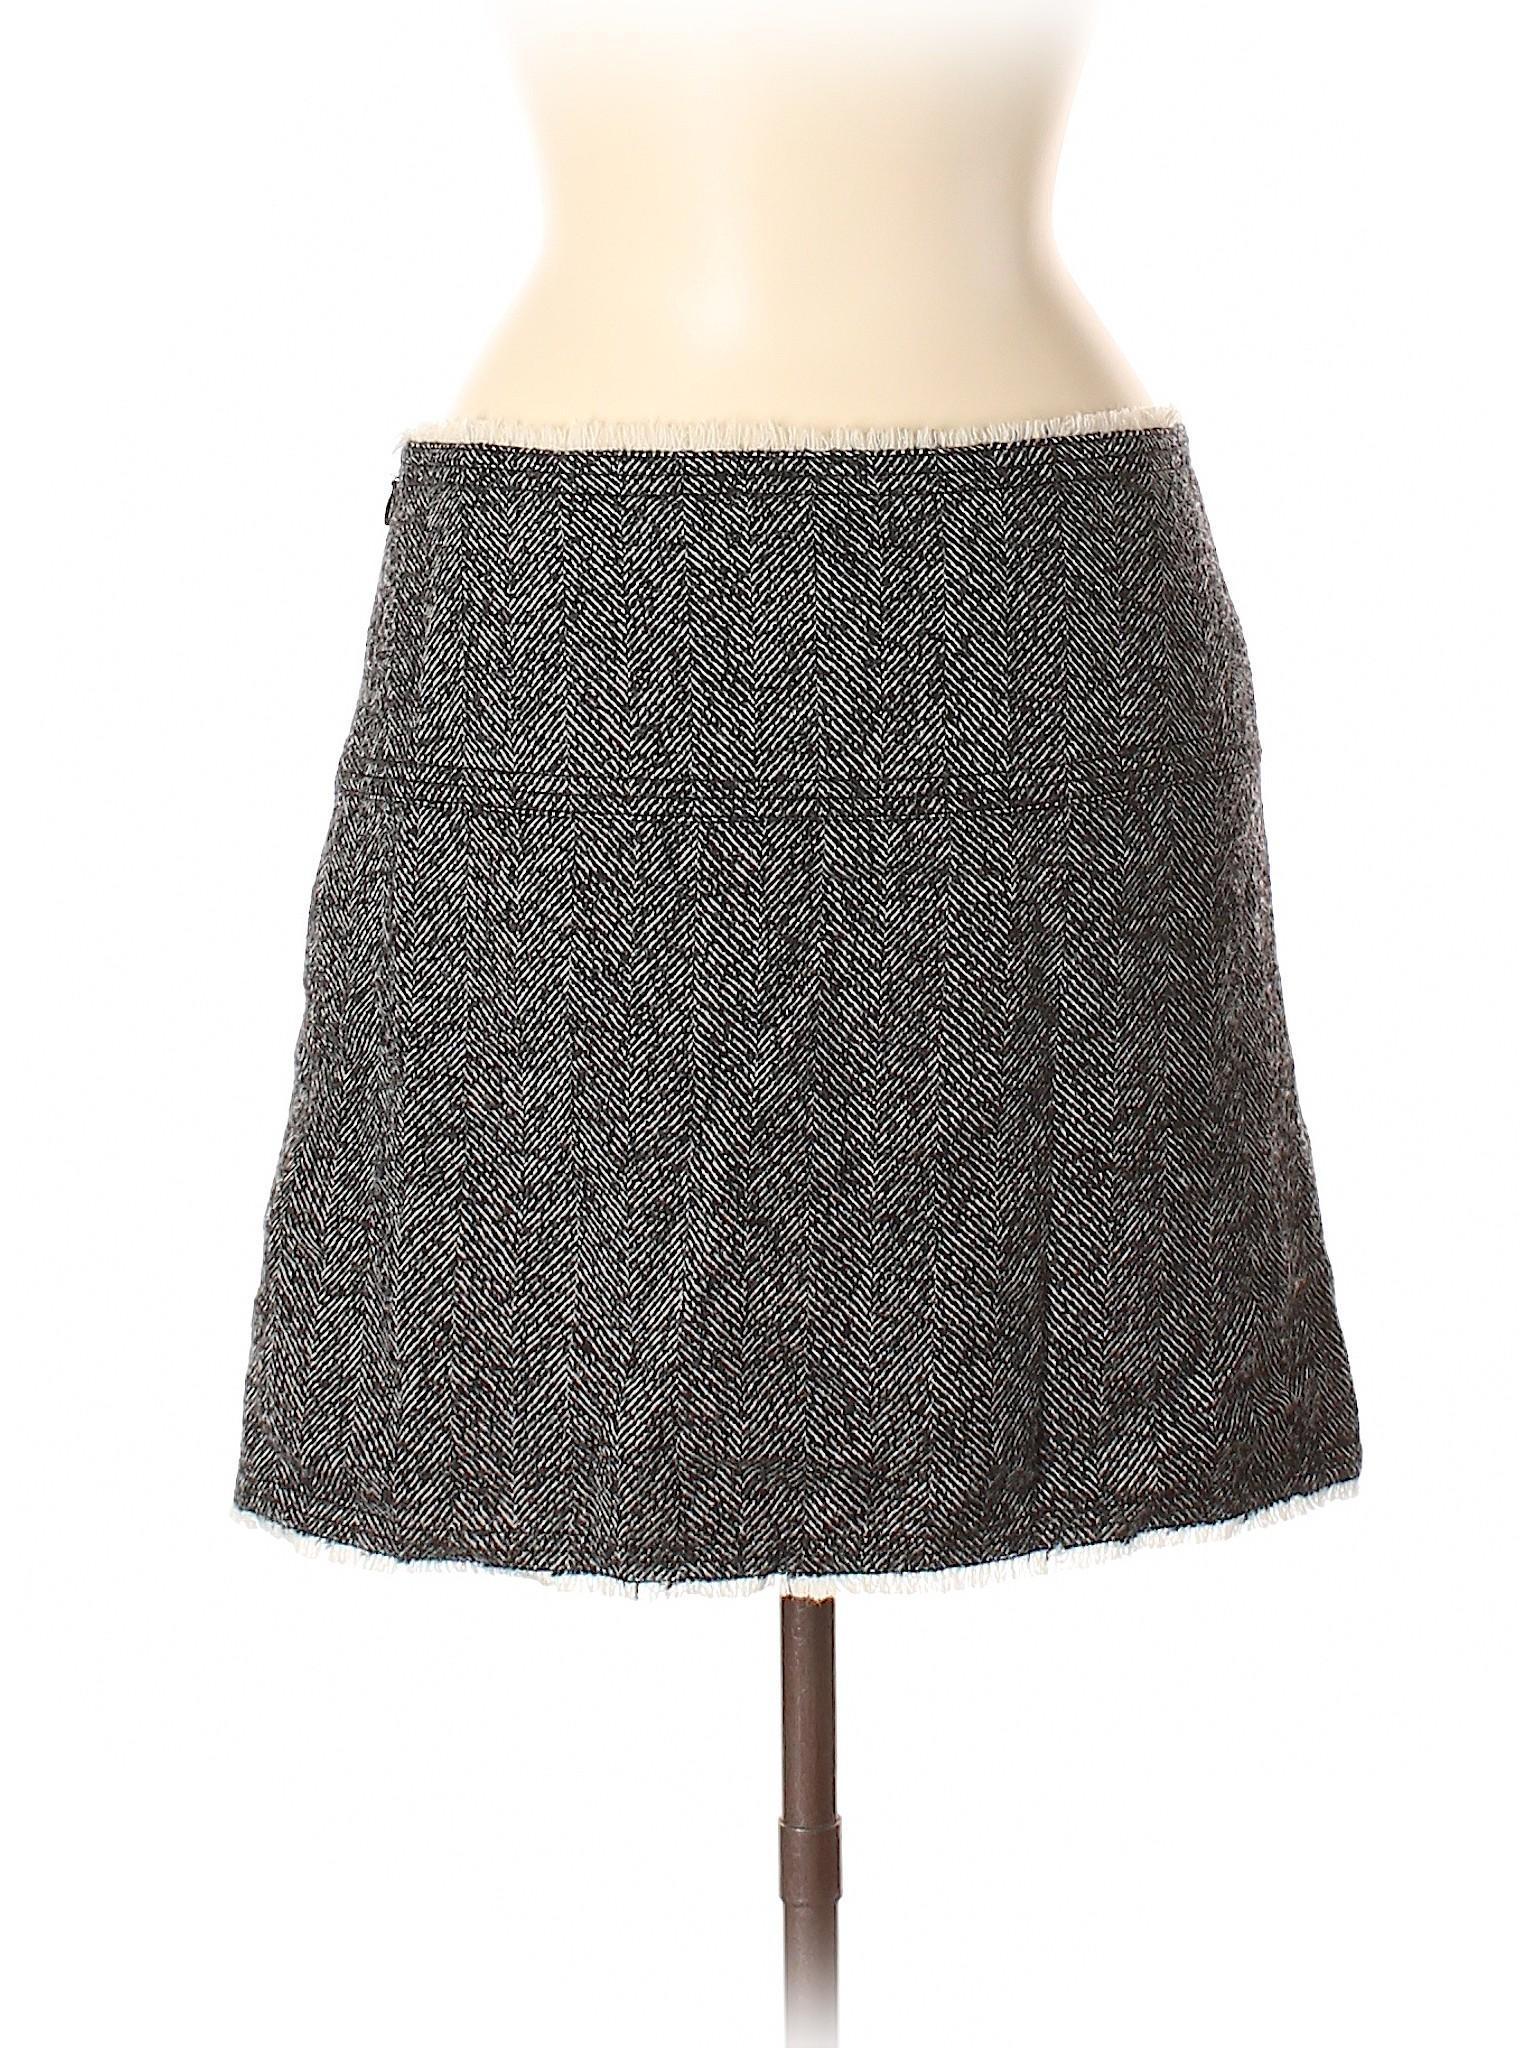 Wool Skirt Boutique Wool Boutique Skirt Wool Boutique qUBZwWtgZ